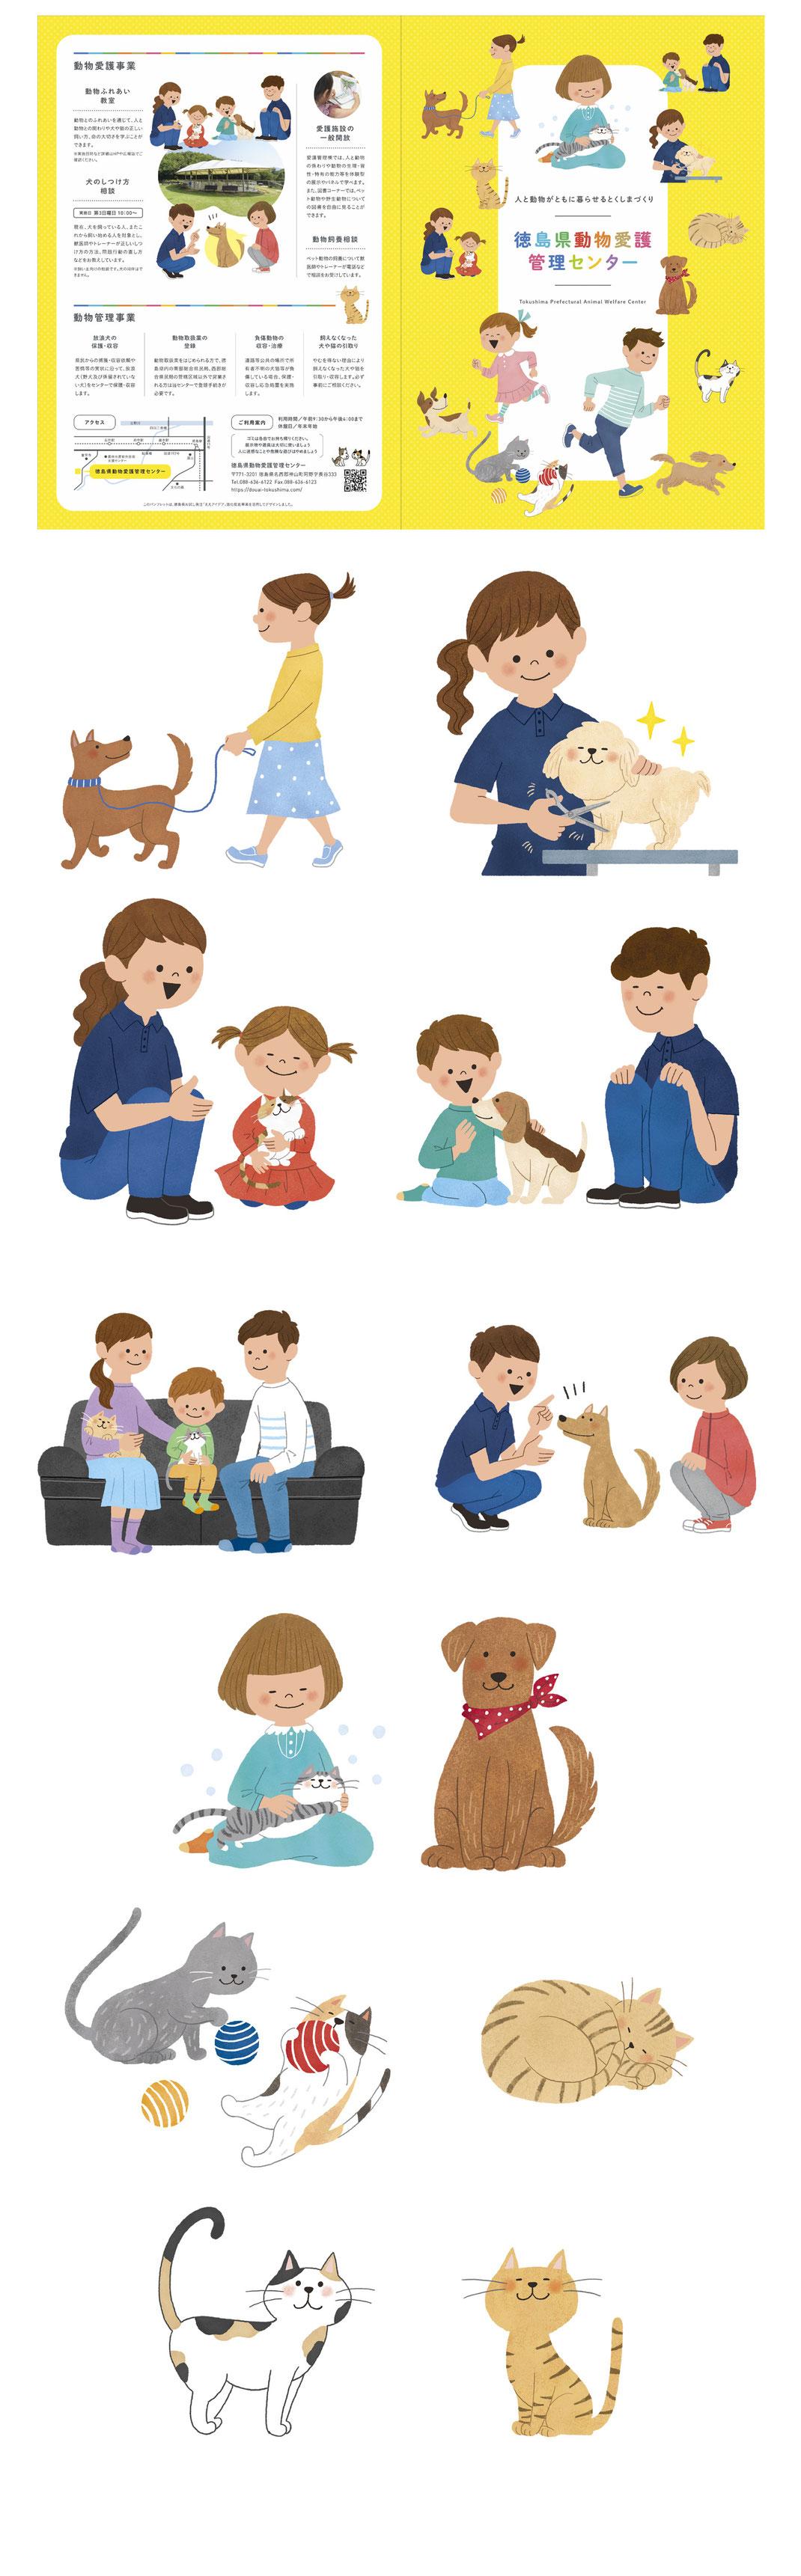 動物愛護 犬 猫 人々 イラスト